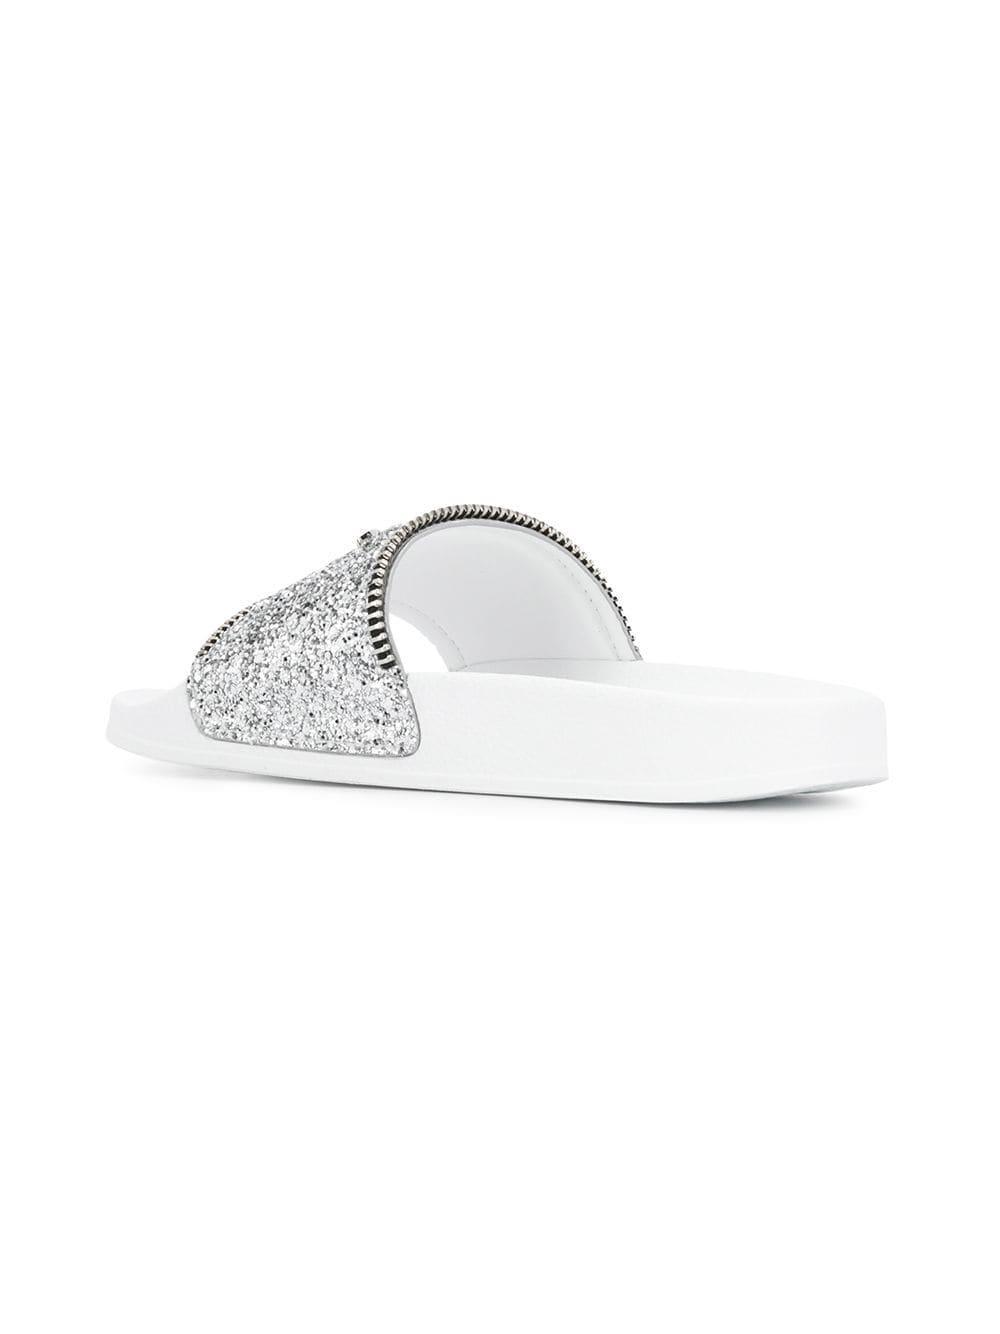 81e9698bd Giuseppe Zanotti - Metallic Silver Glitter Blytter Slides - Lyst. View  fullscreen